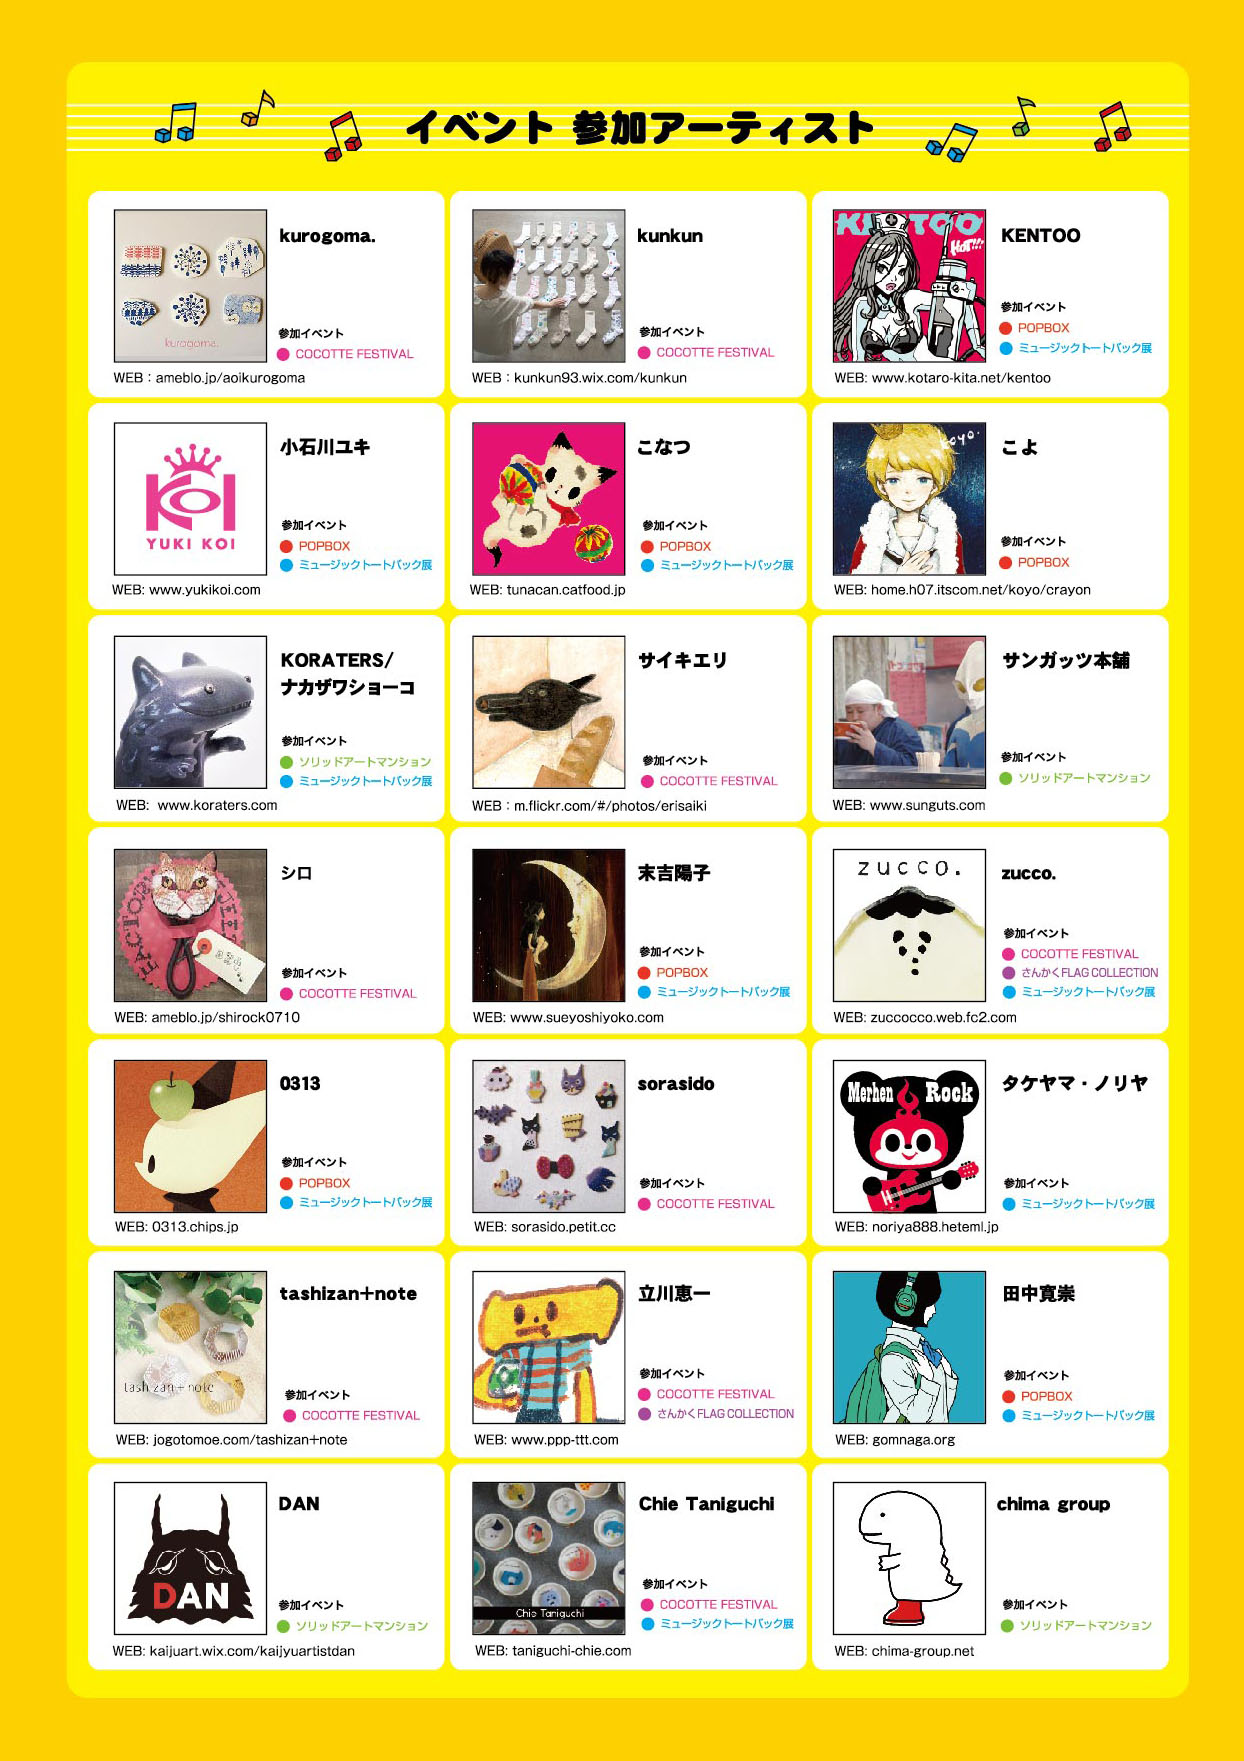 渋谷POPBOX、ココットマーケット開催のお知らせです。_f0010033_15462359.jpg